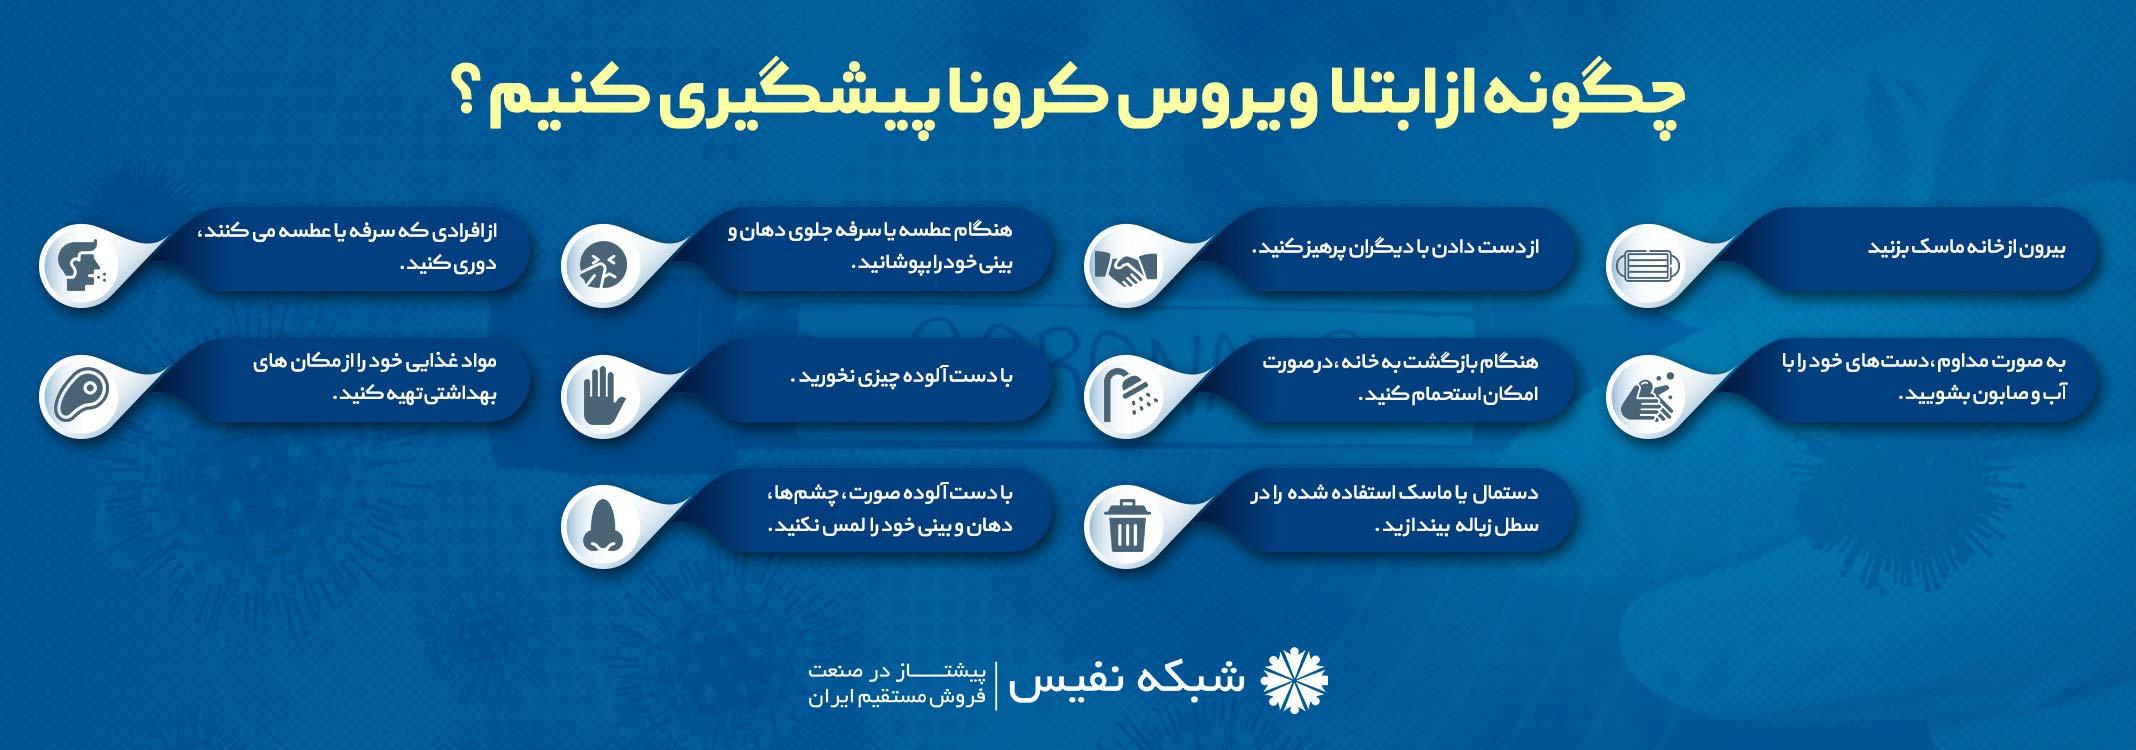 توصیه های بهداشتی برای جلوگیری از بیماری کرونا